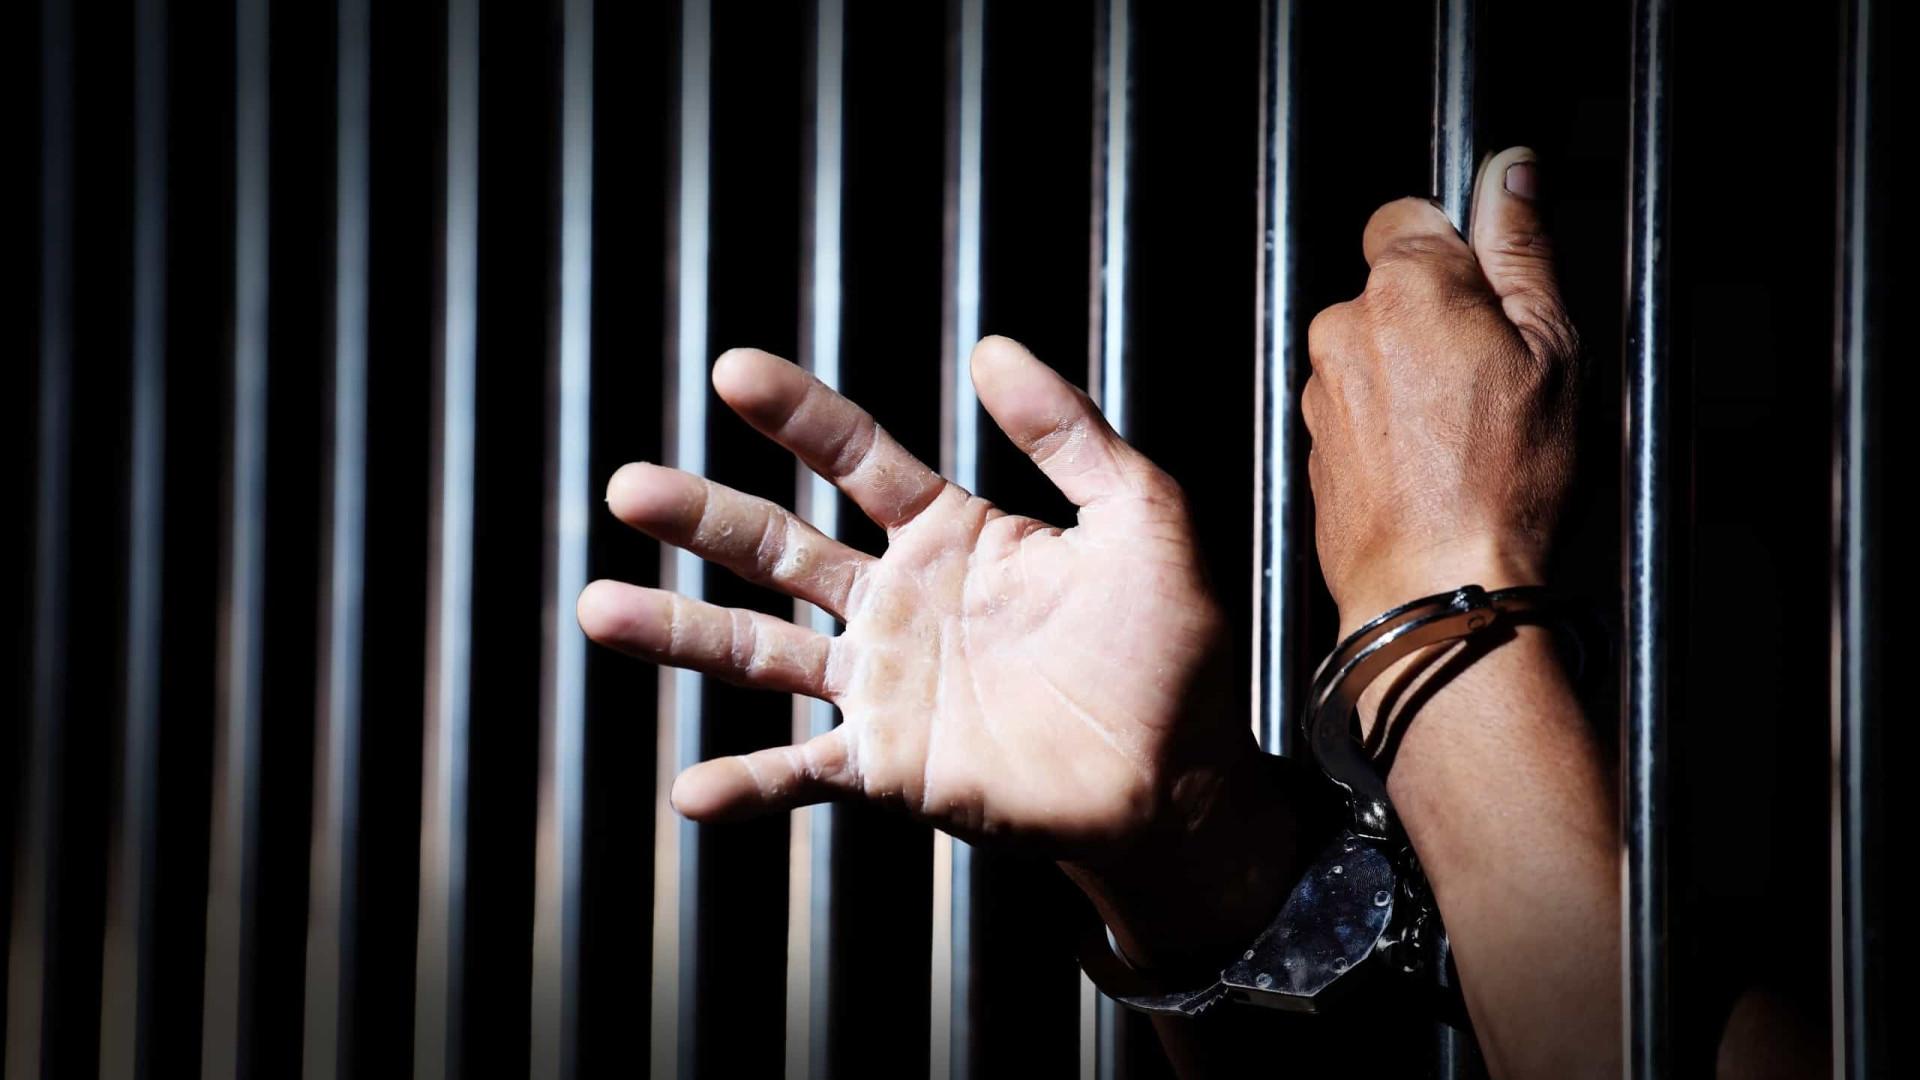 Em um mês, 12 presos morreram por causa da Covid-19 no estado de SP